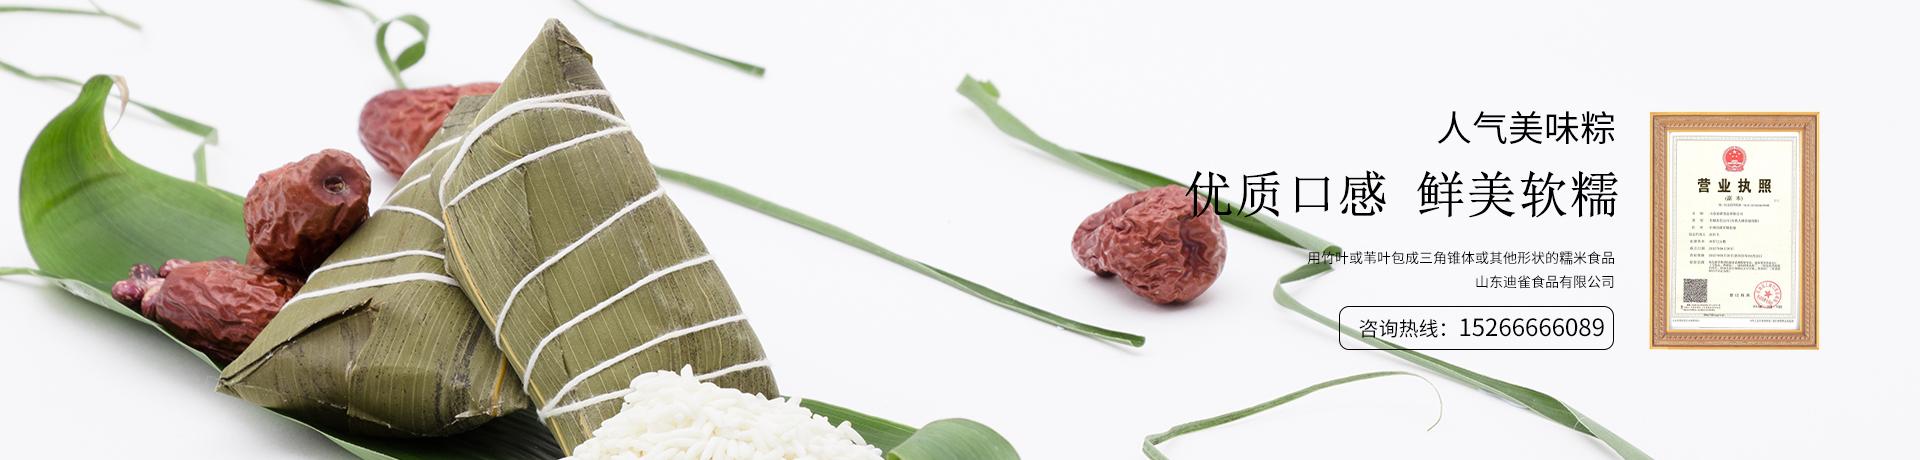 山东迪雀食品有限公司是一家生产速冻饺子,馄饨的批发厂家,同时经营手工粽子,山东馒头等一系列美食,带给您体验不一样的味蕾享受,联系电话:15266666089